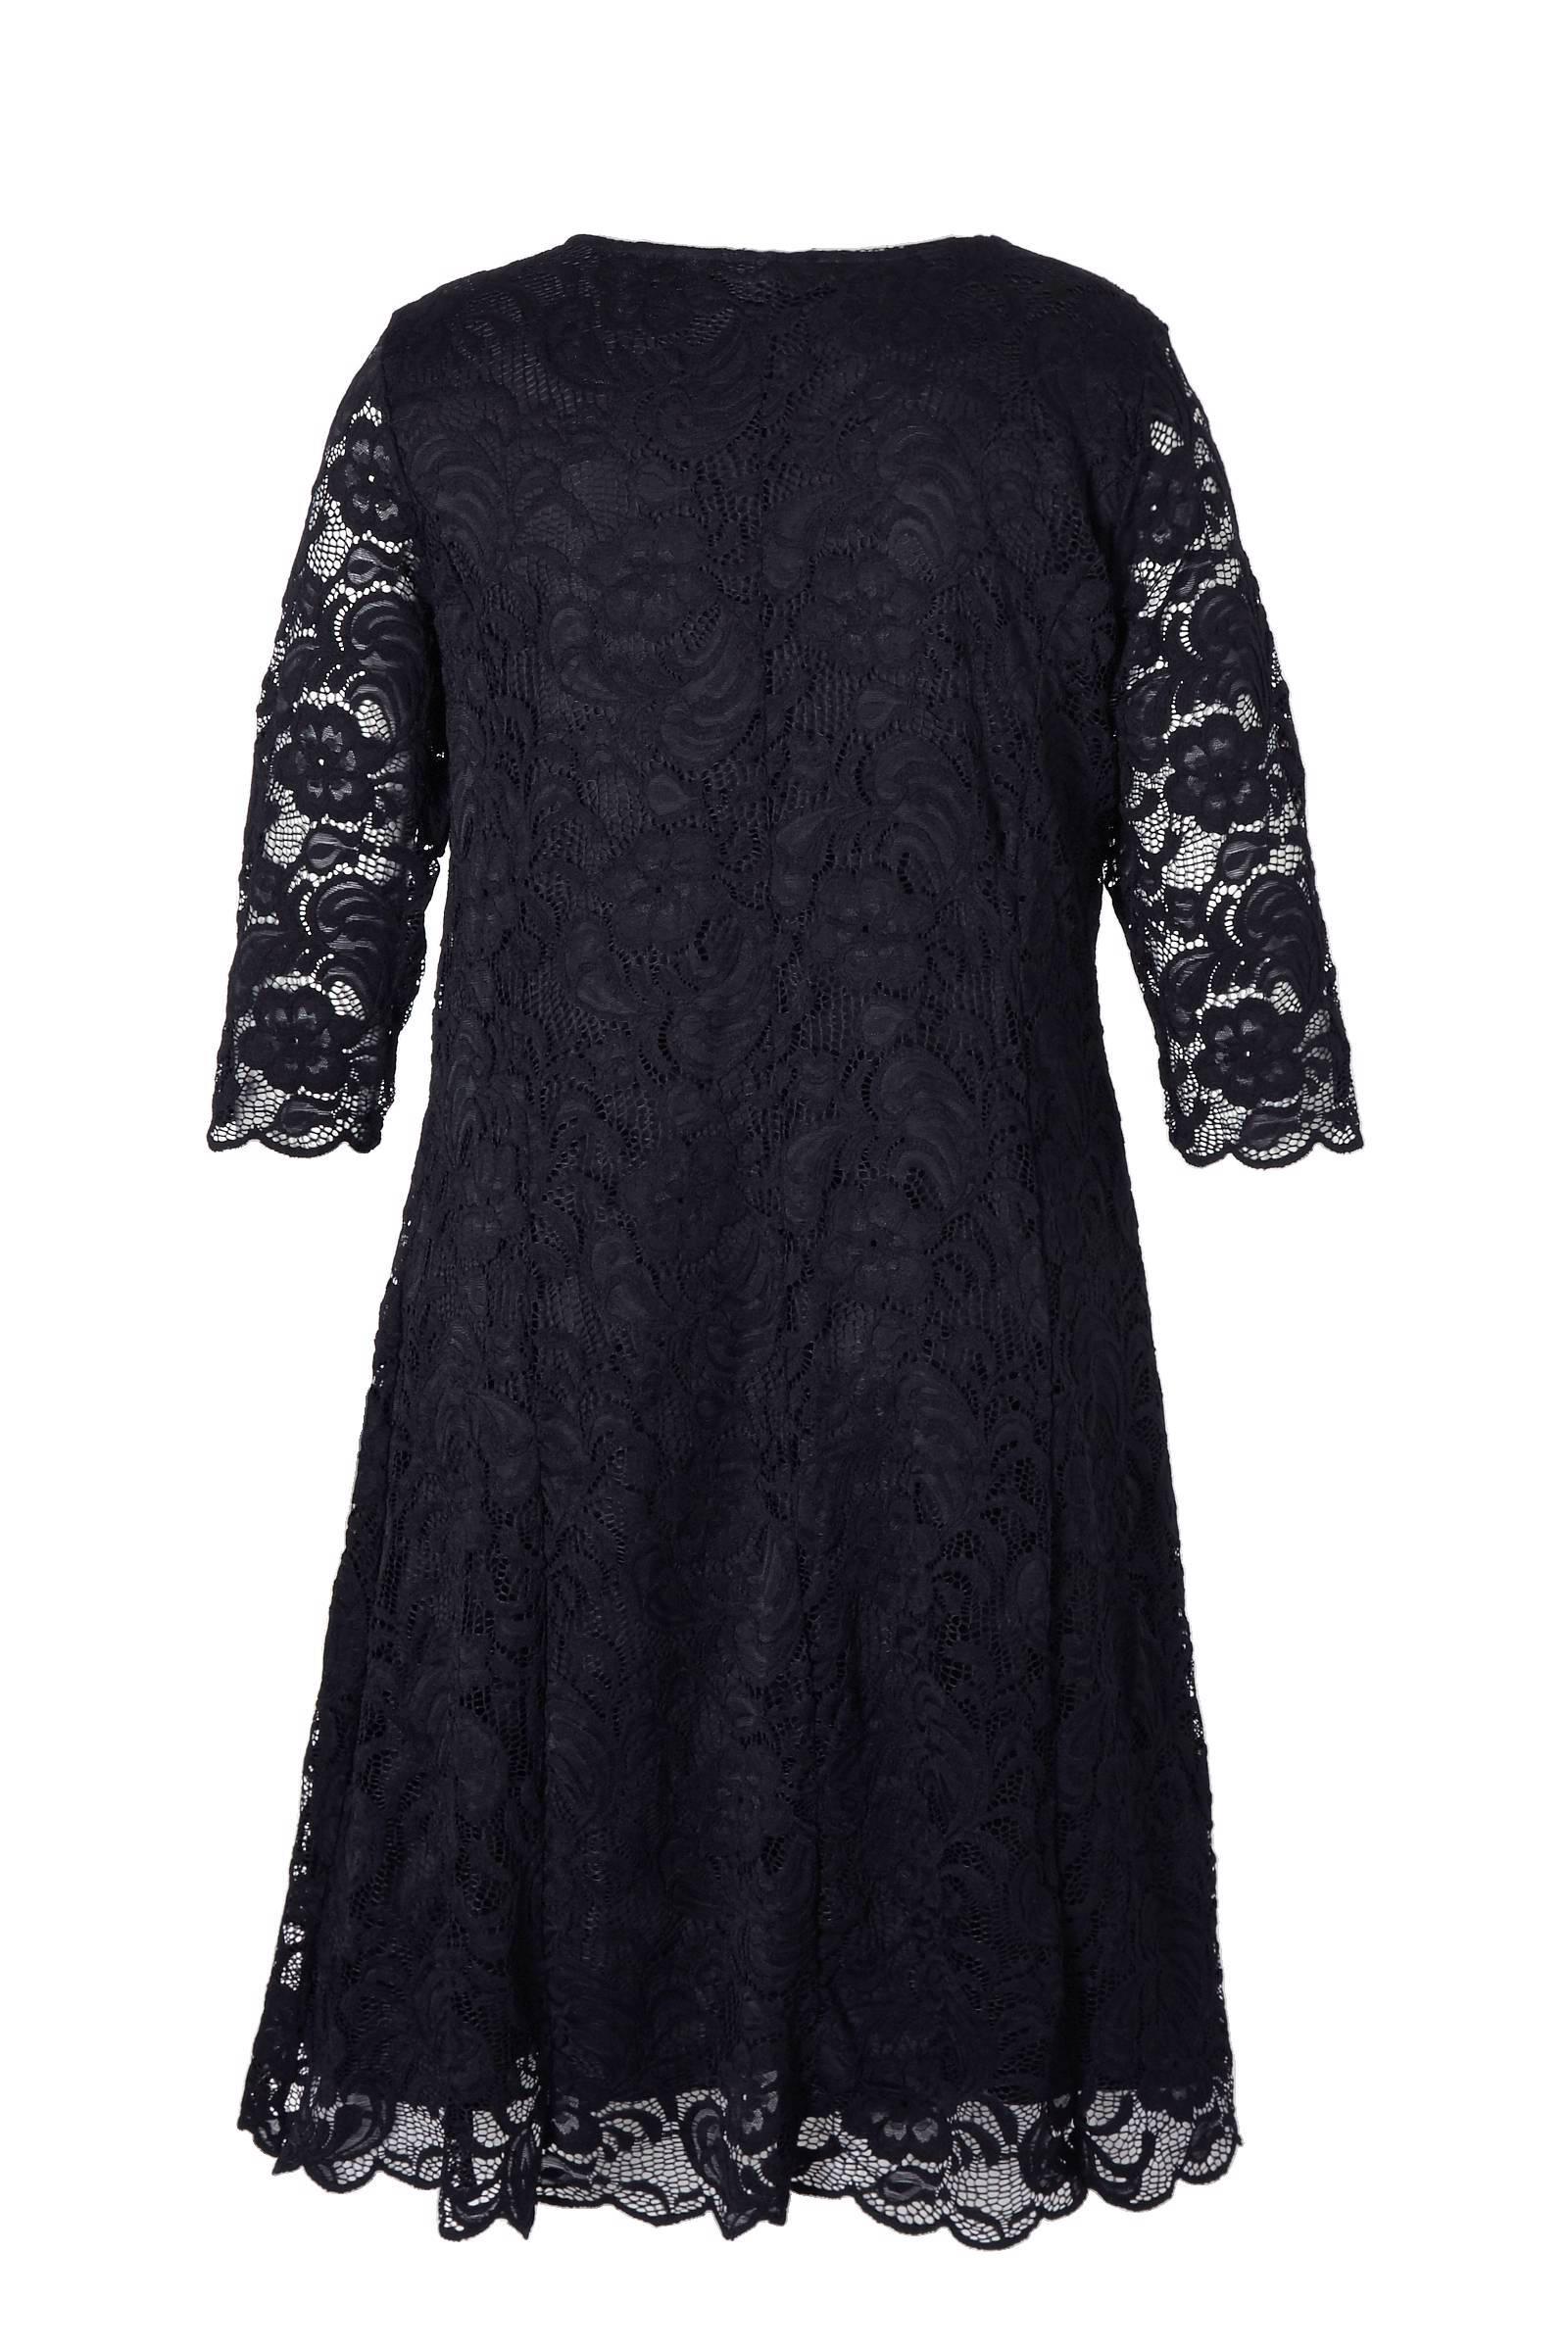 b4171af2eab40b JUNAROSE kanten jurk